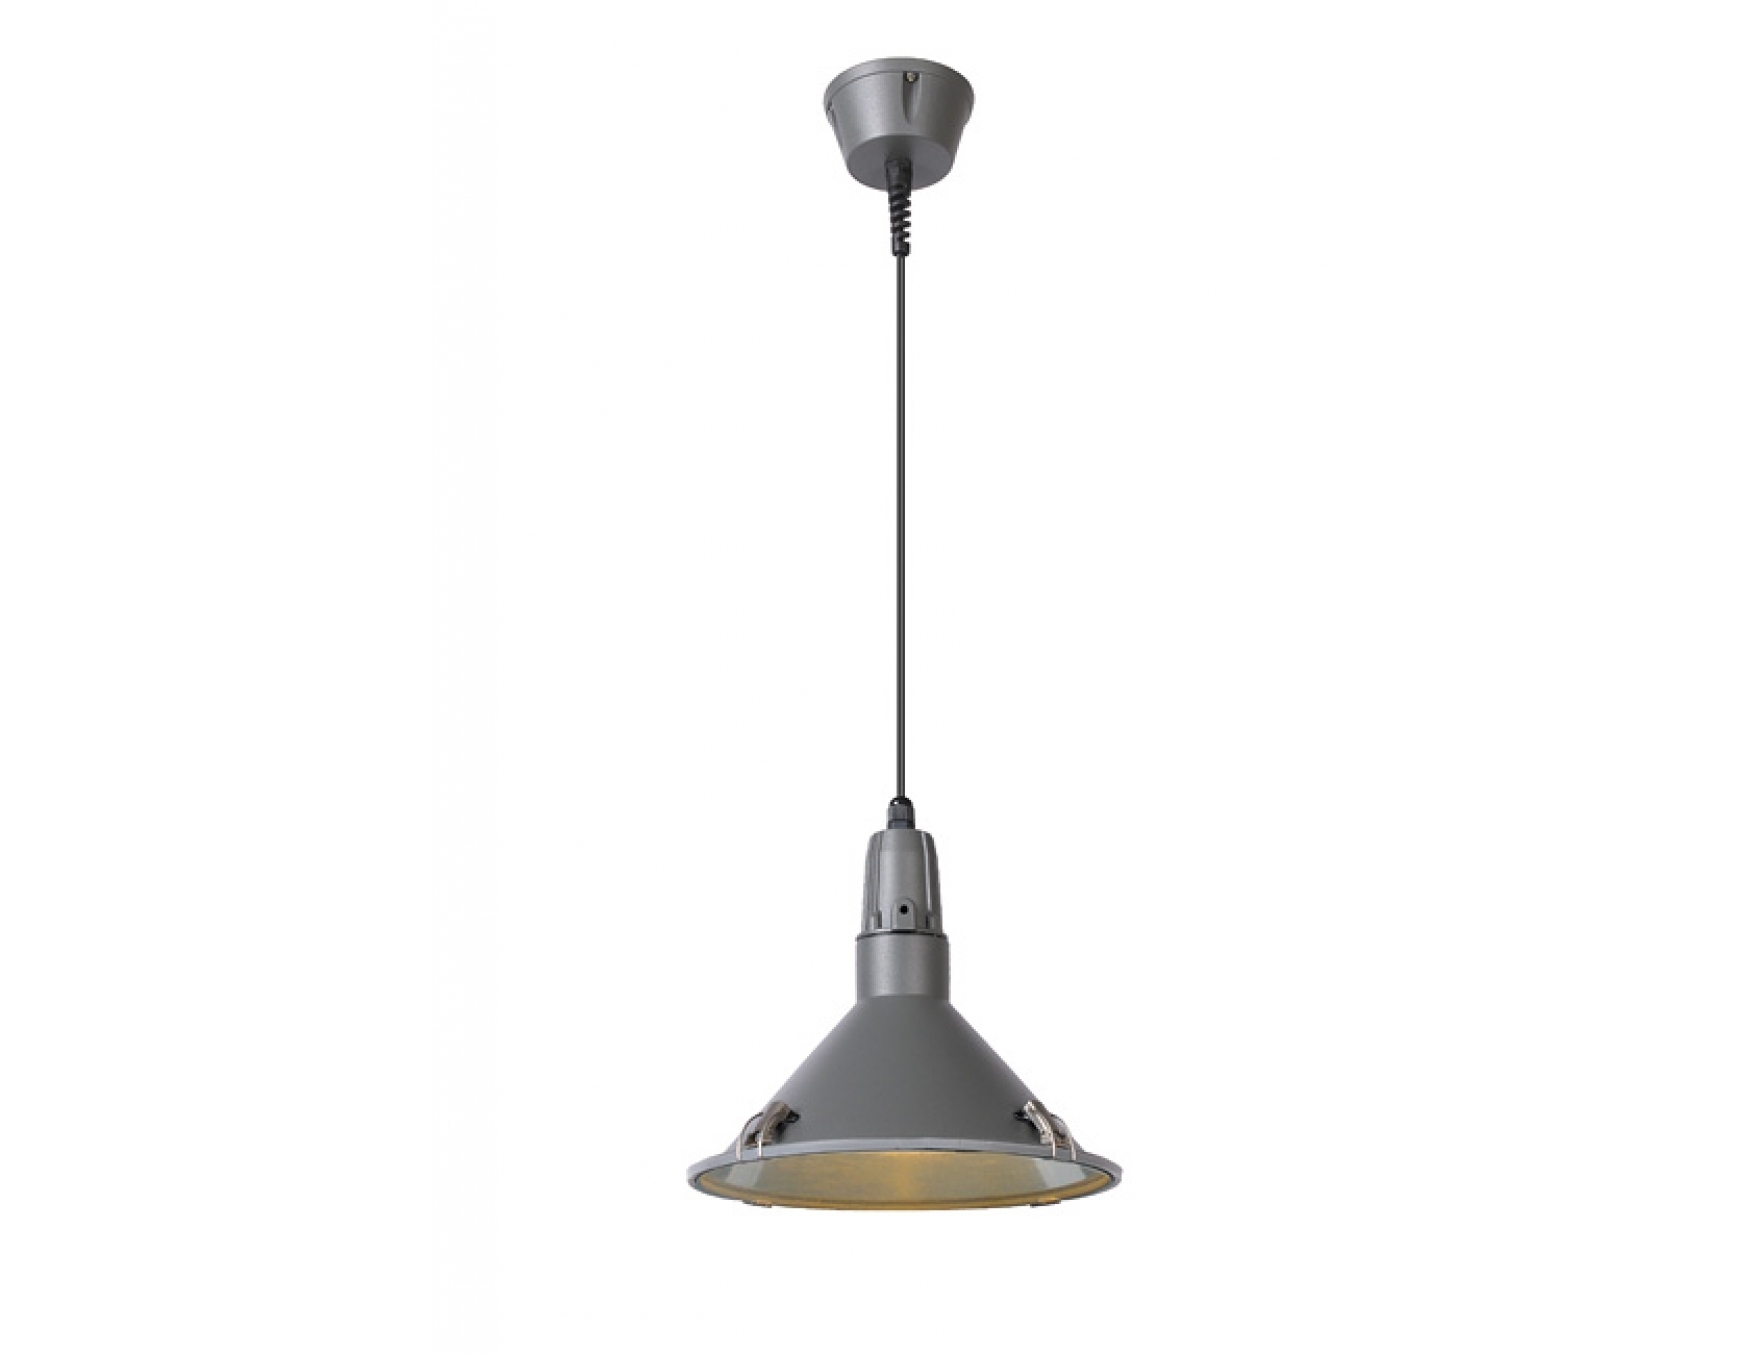 Подвесной светильник TONGAУличные подвесные и потолочные светильники<br>Цоколь Е27,&amp;amp;nbsp;&amp;lt;div&amp;gt;Мощность&amp;amp;nbsp;&amp;lt;span style=&amp;quot;line-height: 1.78571;&amp;quot;&amp;gt;60W,&amp;amp;nbsp;&amp;lt;/span&amp;gt;&amp;lt;/div&amp;gt;&amp;lt;div&amp;gt;&amp;lt;span style=&amp;quot;line-height: 1.78571;&amp;quot;&amp;gt;Количество 1  лампочка  (в комплект не входит)&amp;lt;/span&amp;gt;&amp;lt;/div&amp;gt;<br><br>Material: Металл<br>Height см: 206<br>Diameter см: 30